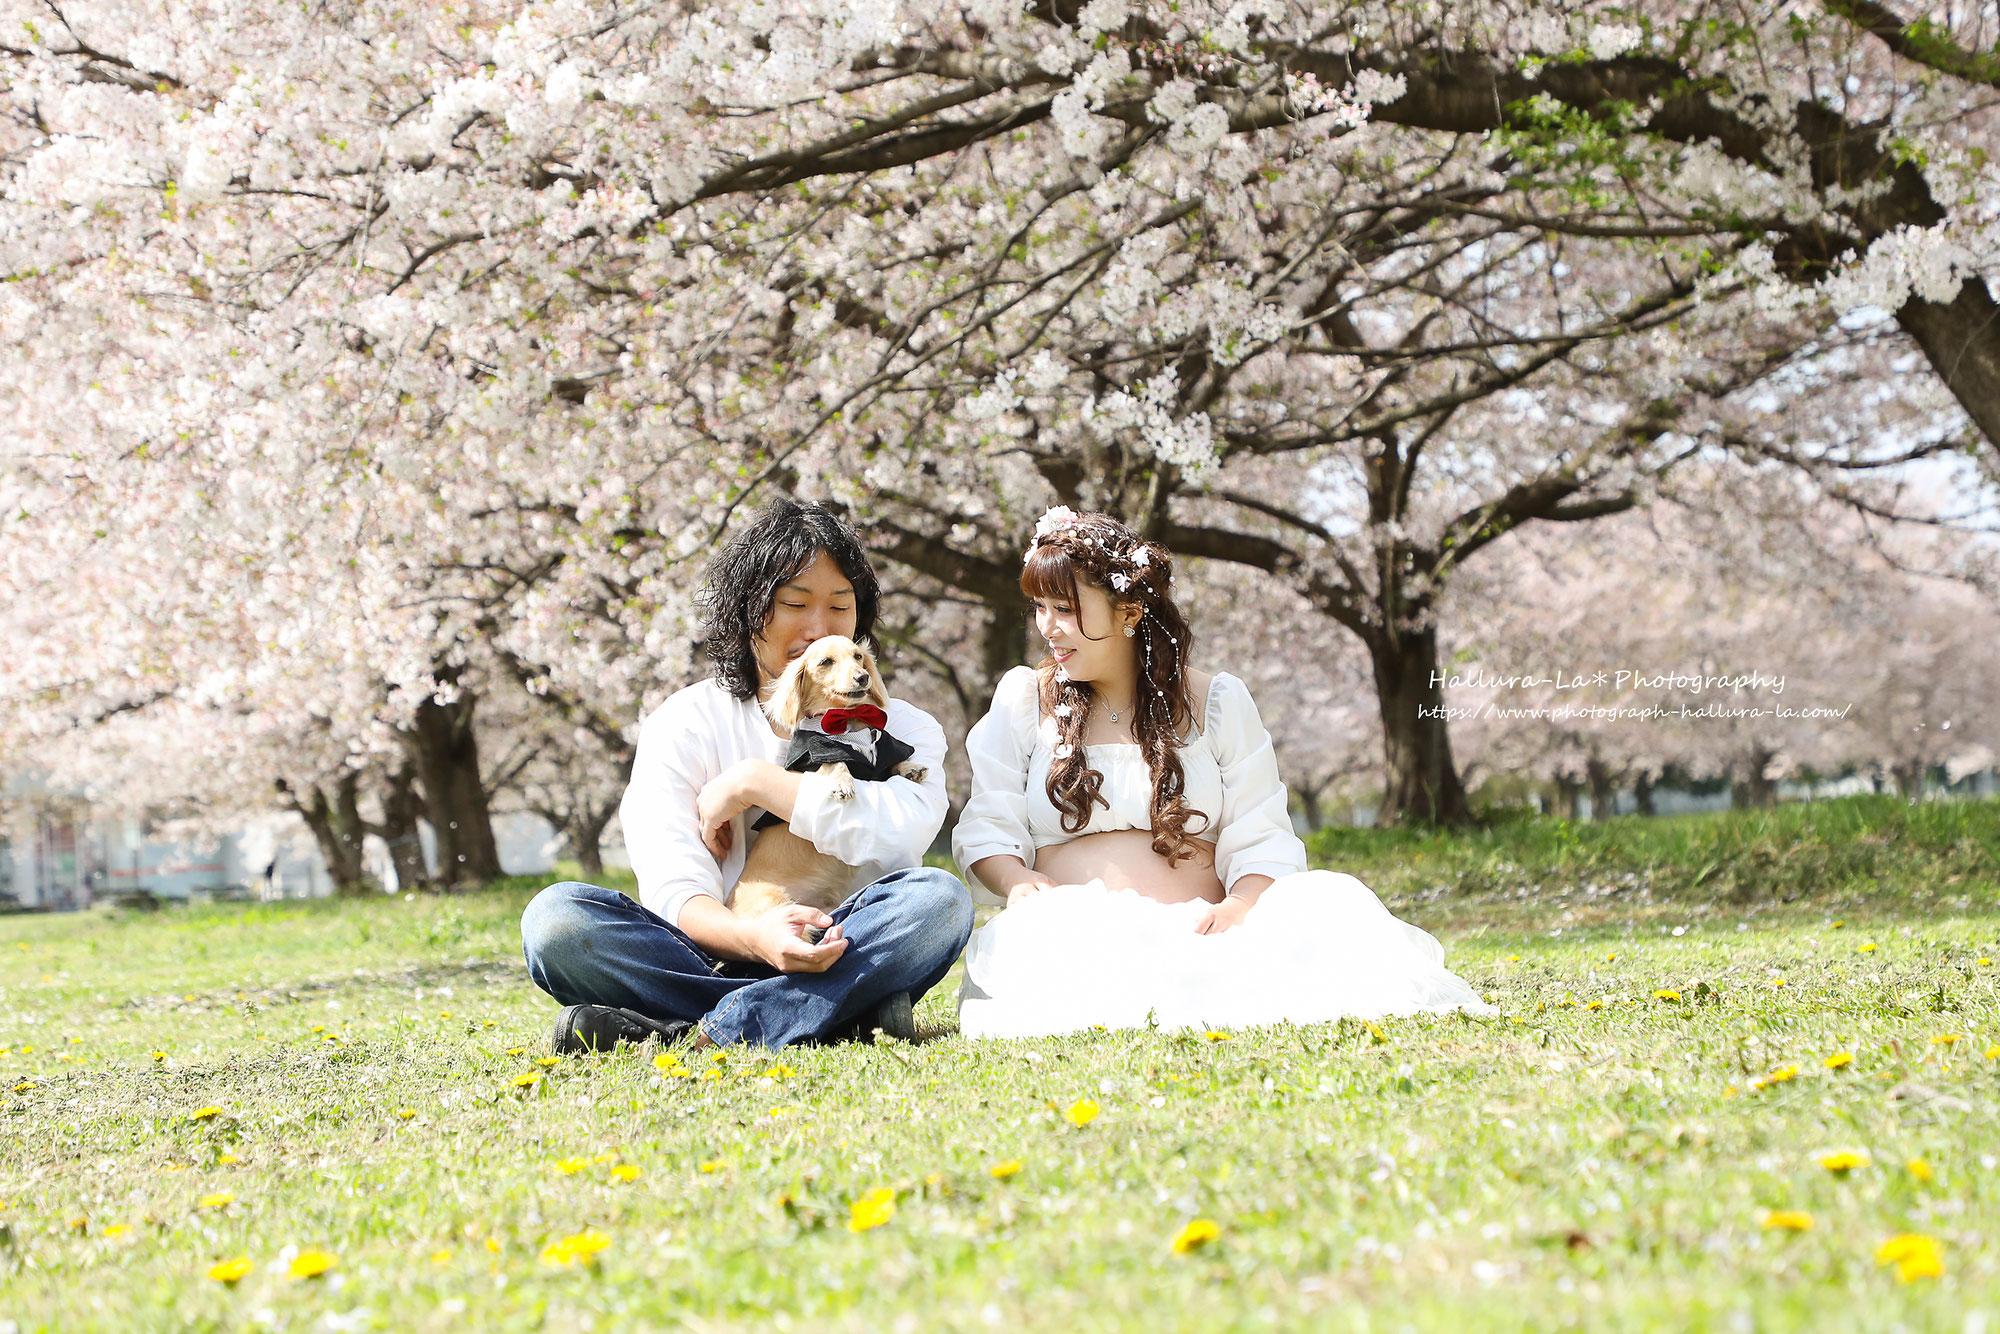 桜の木の下でマタニティフォト